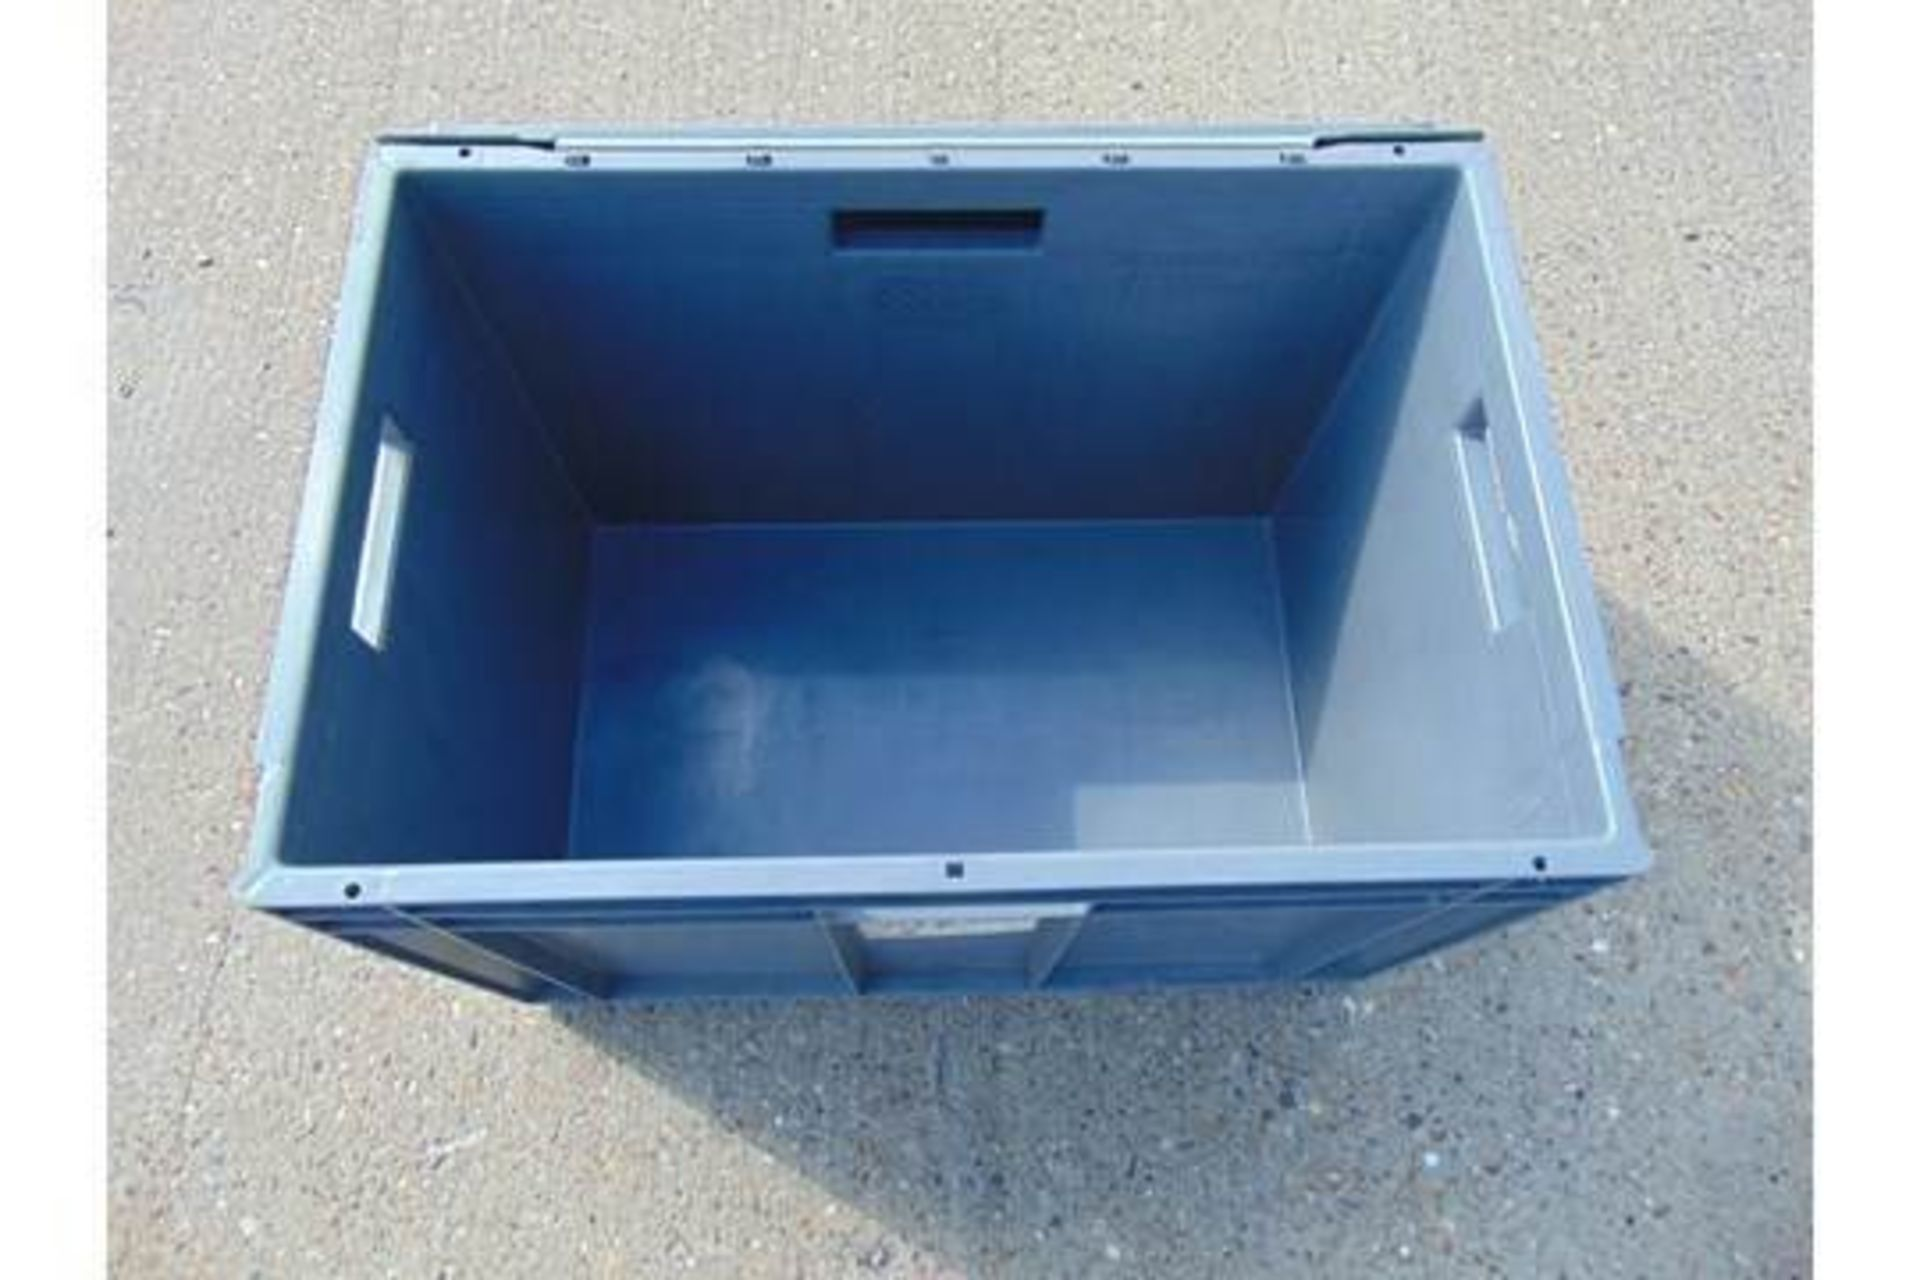 Lot 12 - 10 x Standard MoD Stackable Storage Boxes c/w Lids